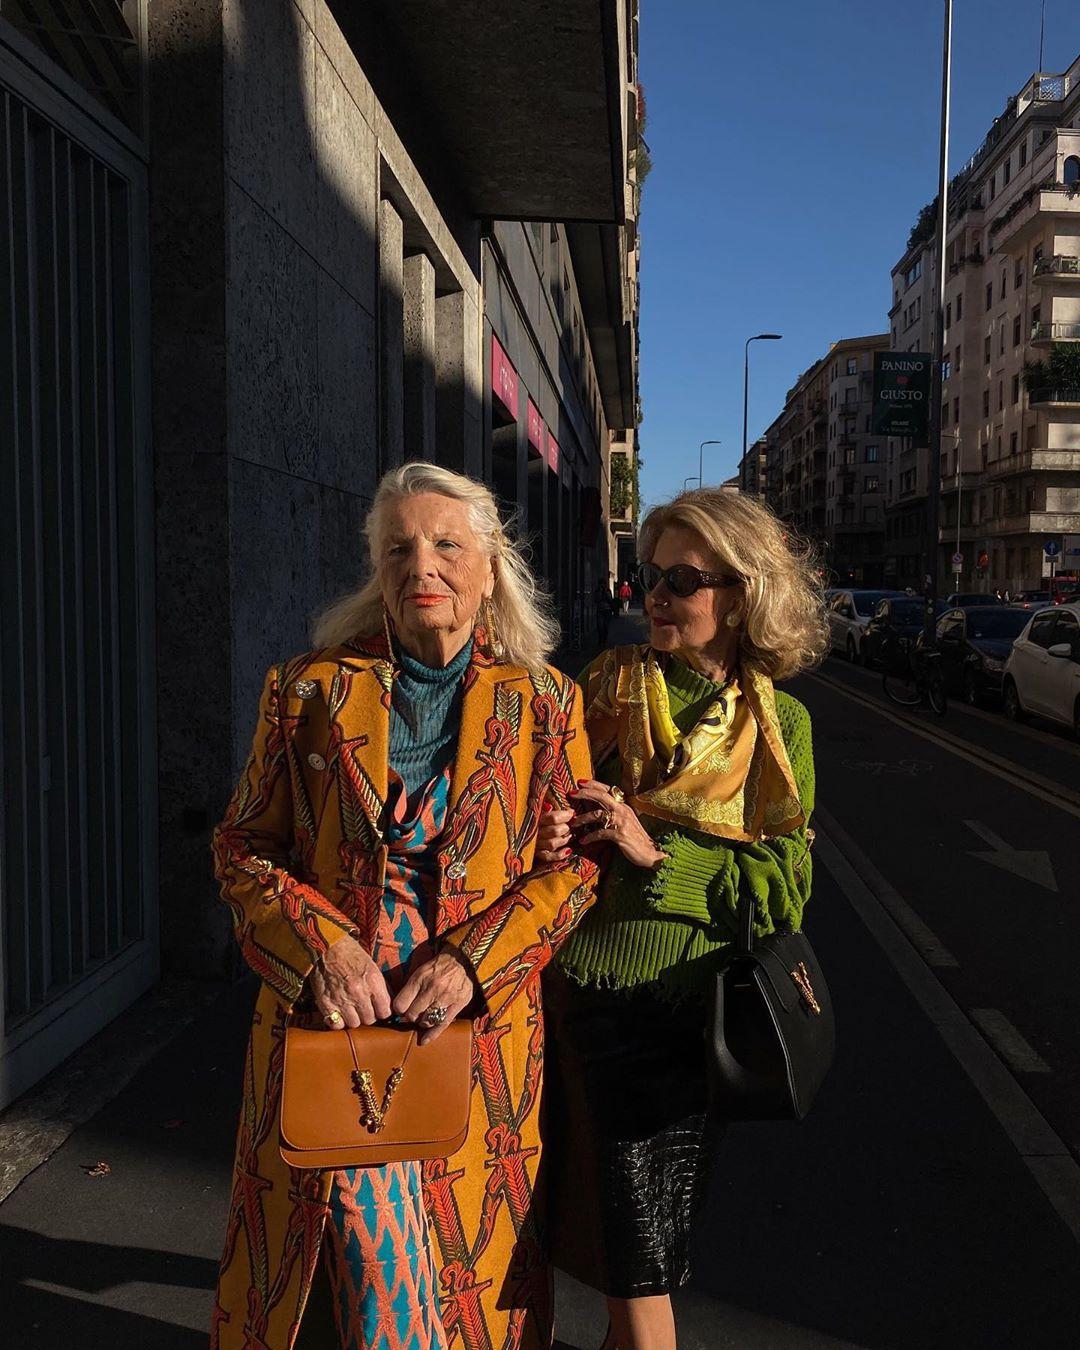 señoras estilosas andando por la calle